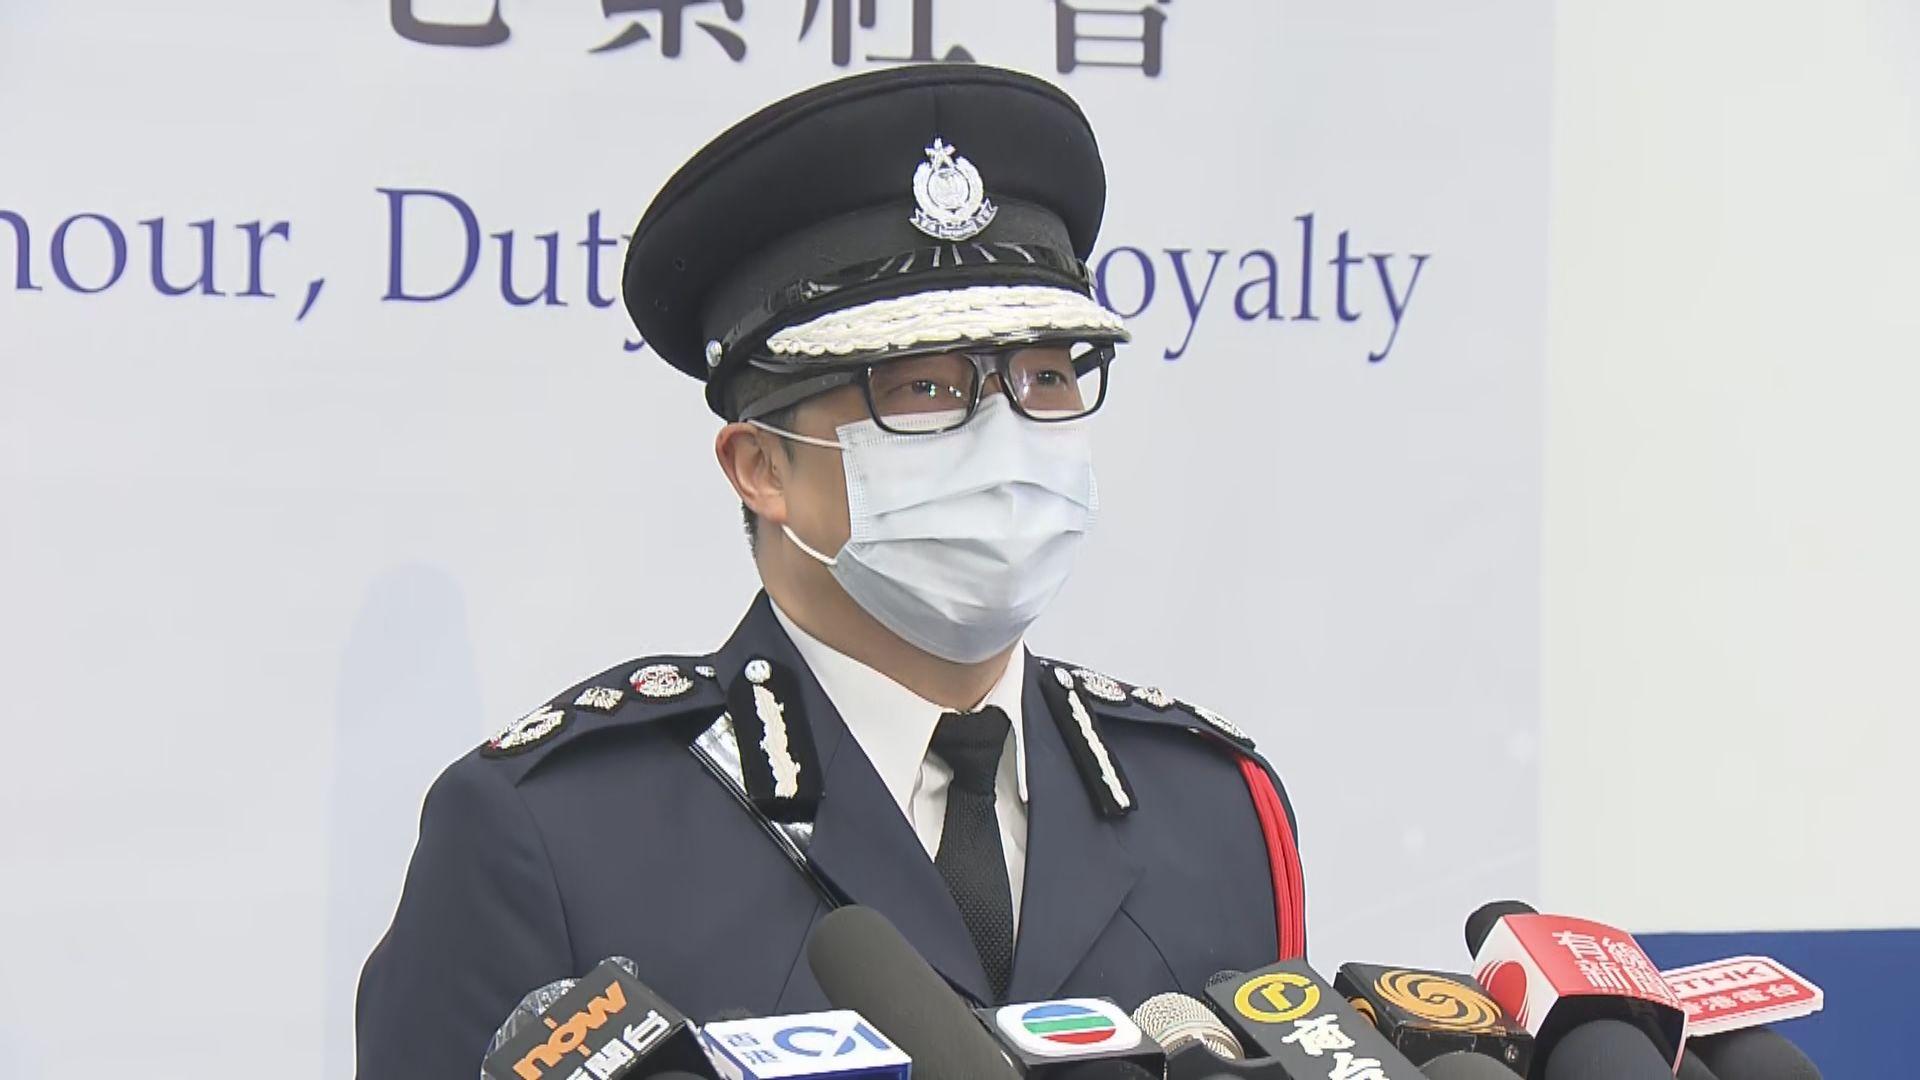 鄧炳強批評有傳媒煽動仇恨及分化社會